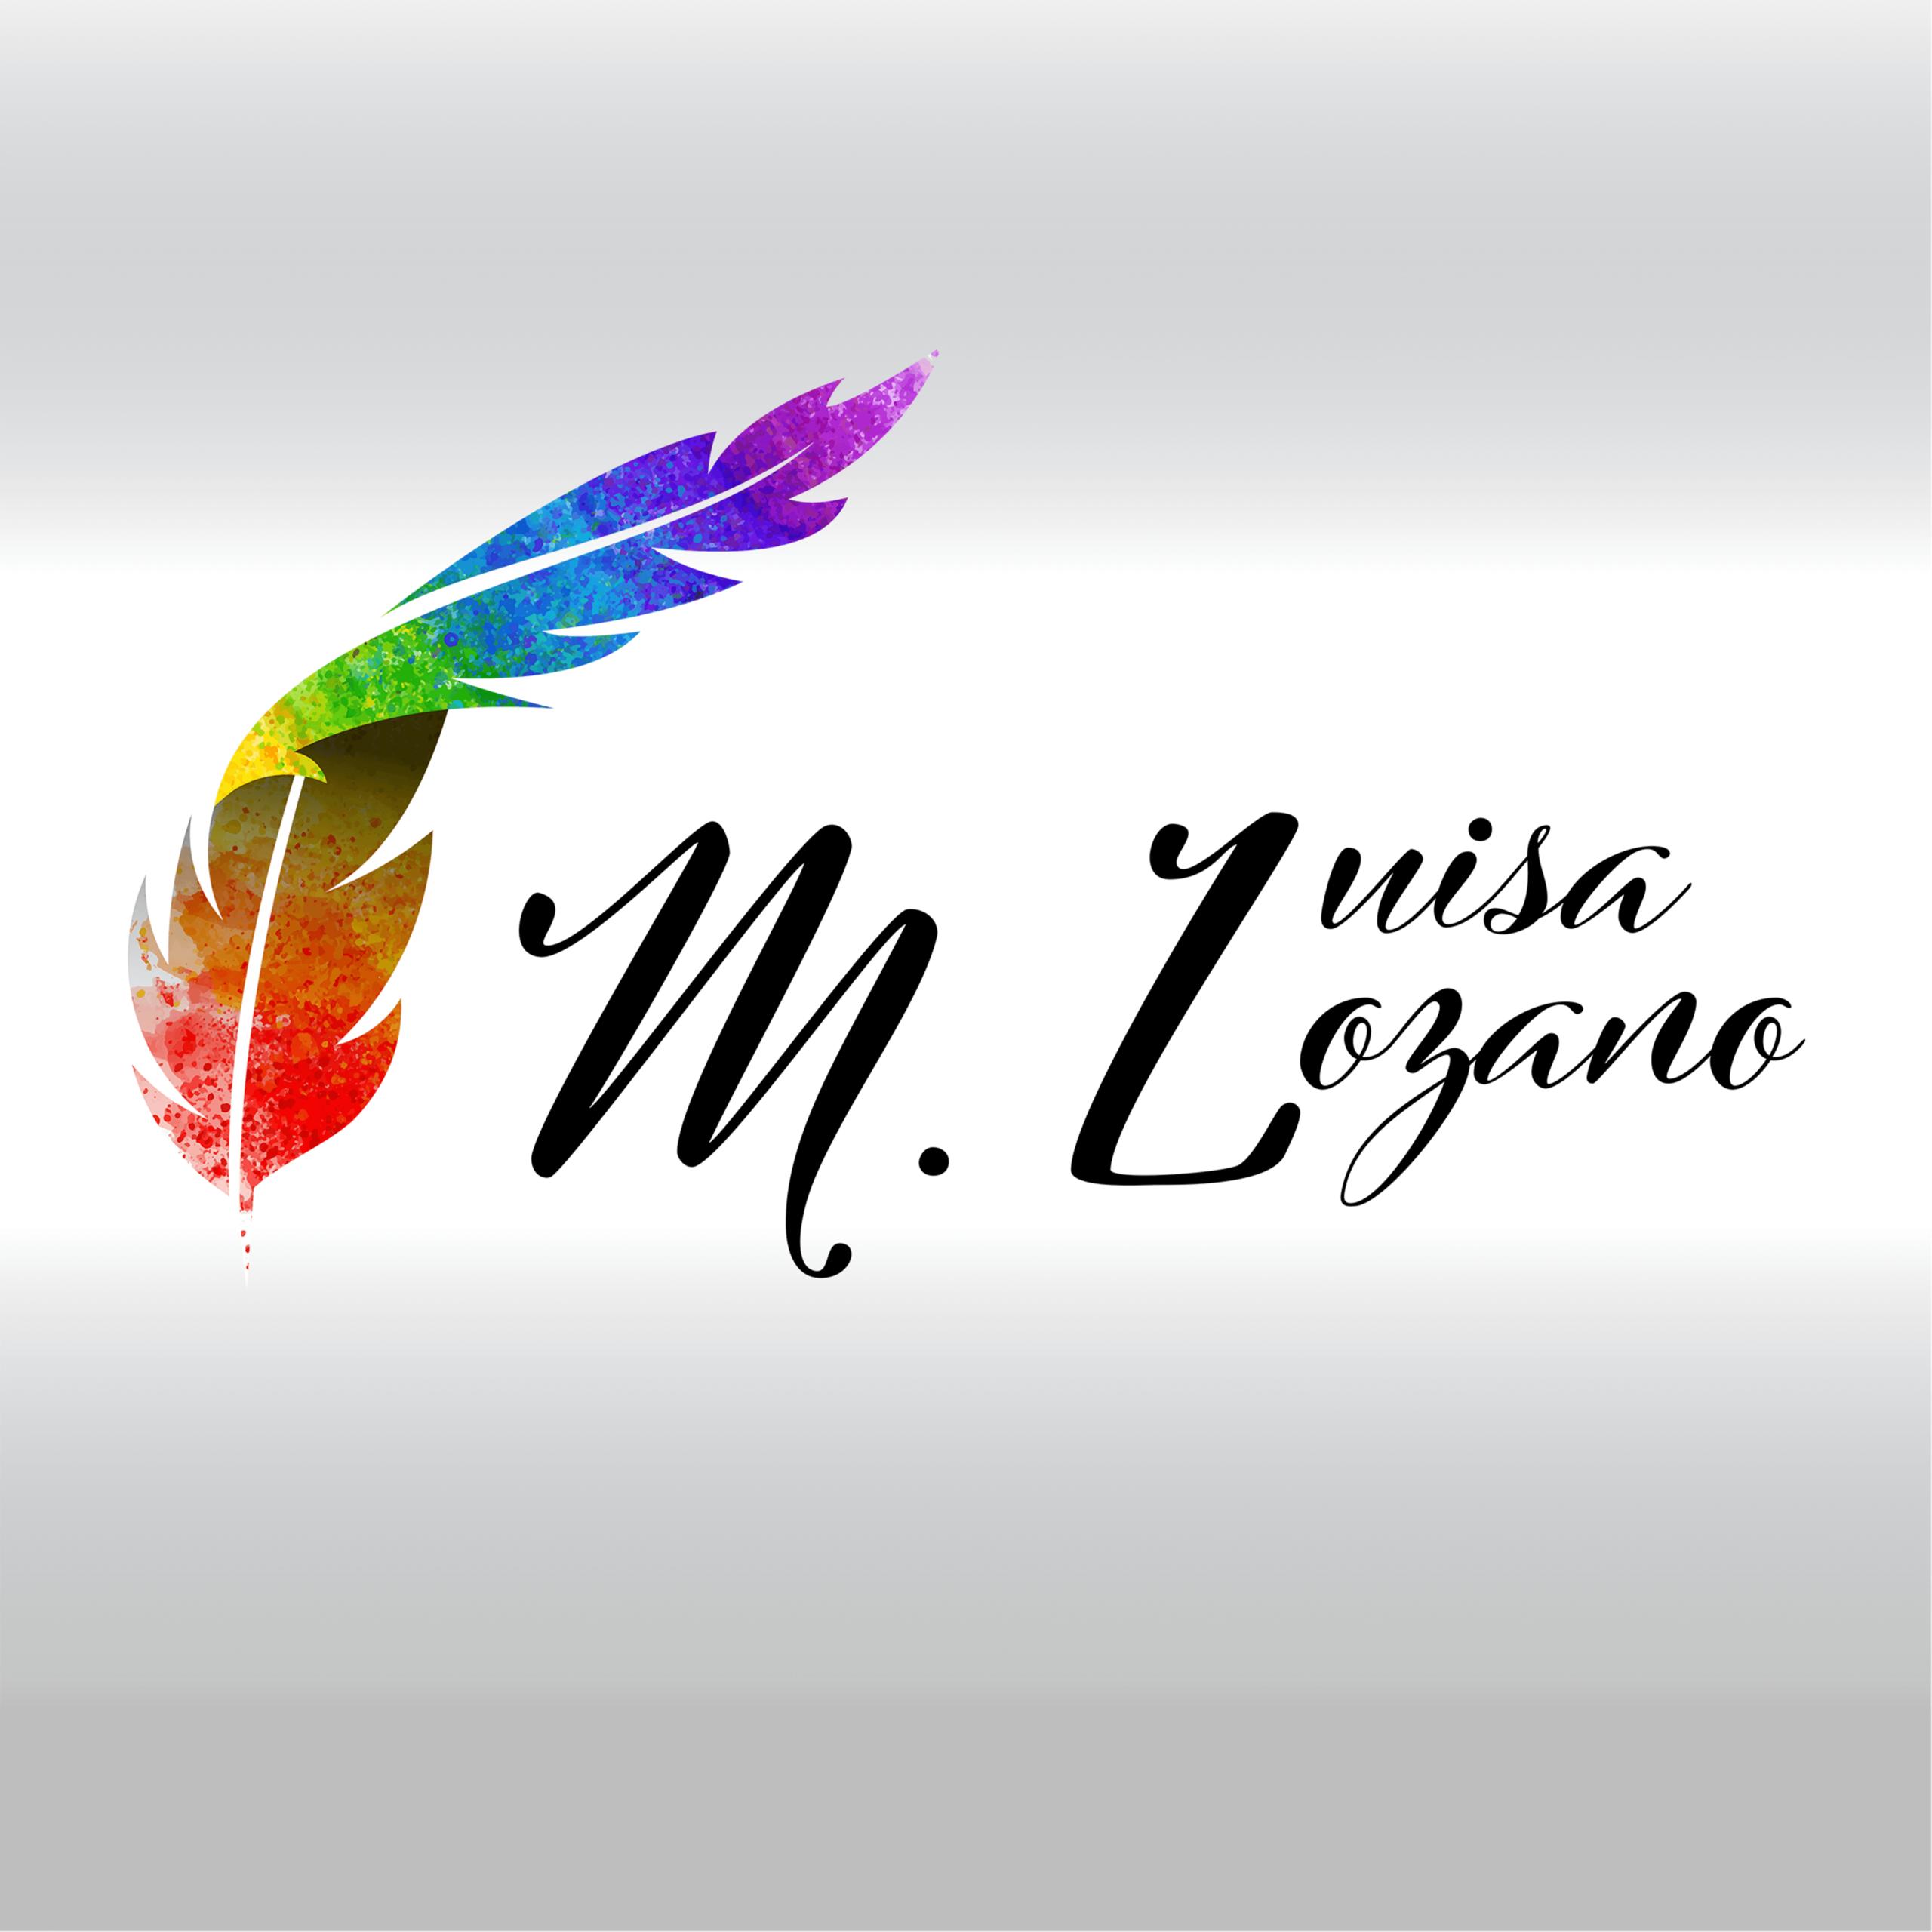 Logo escritor María Luisa Lozano